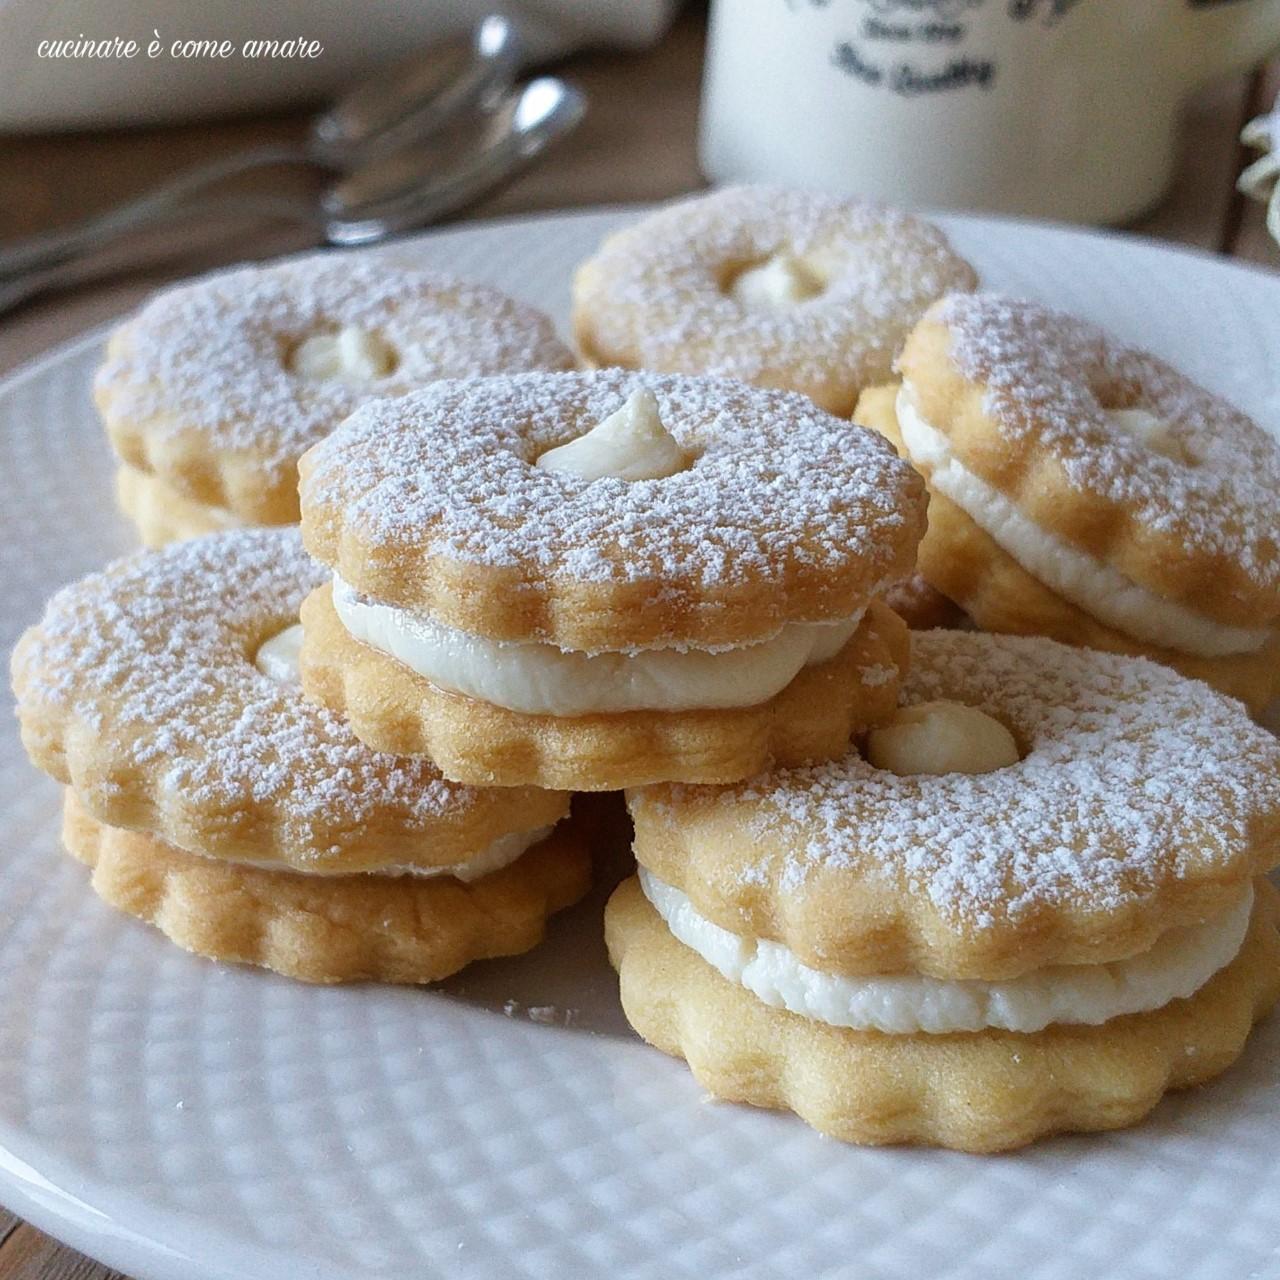 biscotto occhidibue paradiso ripieno crema latte